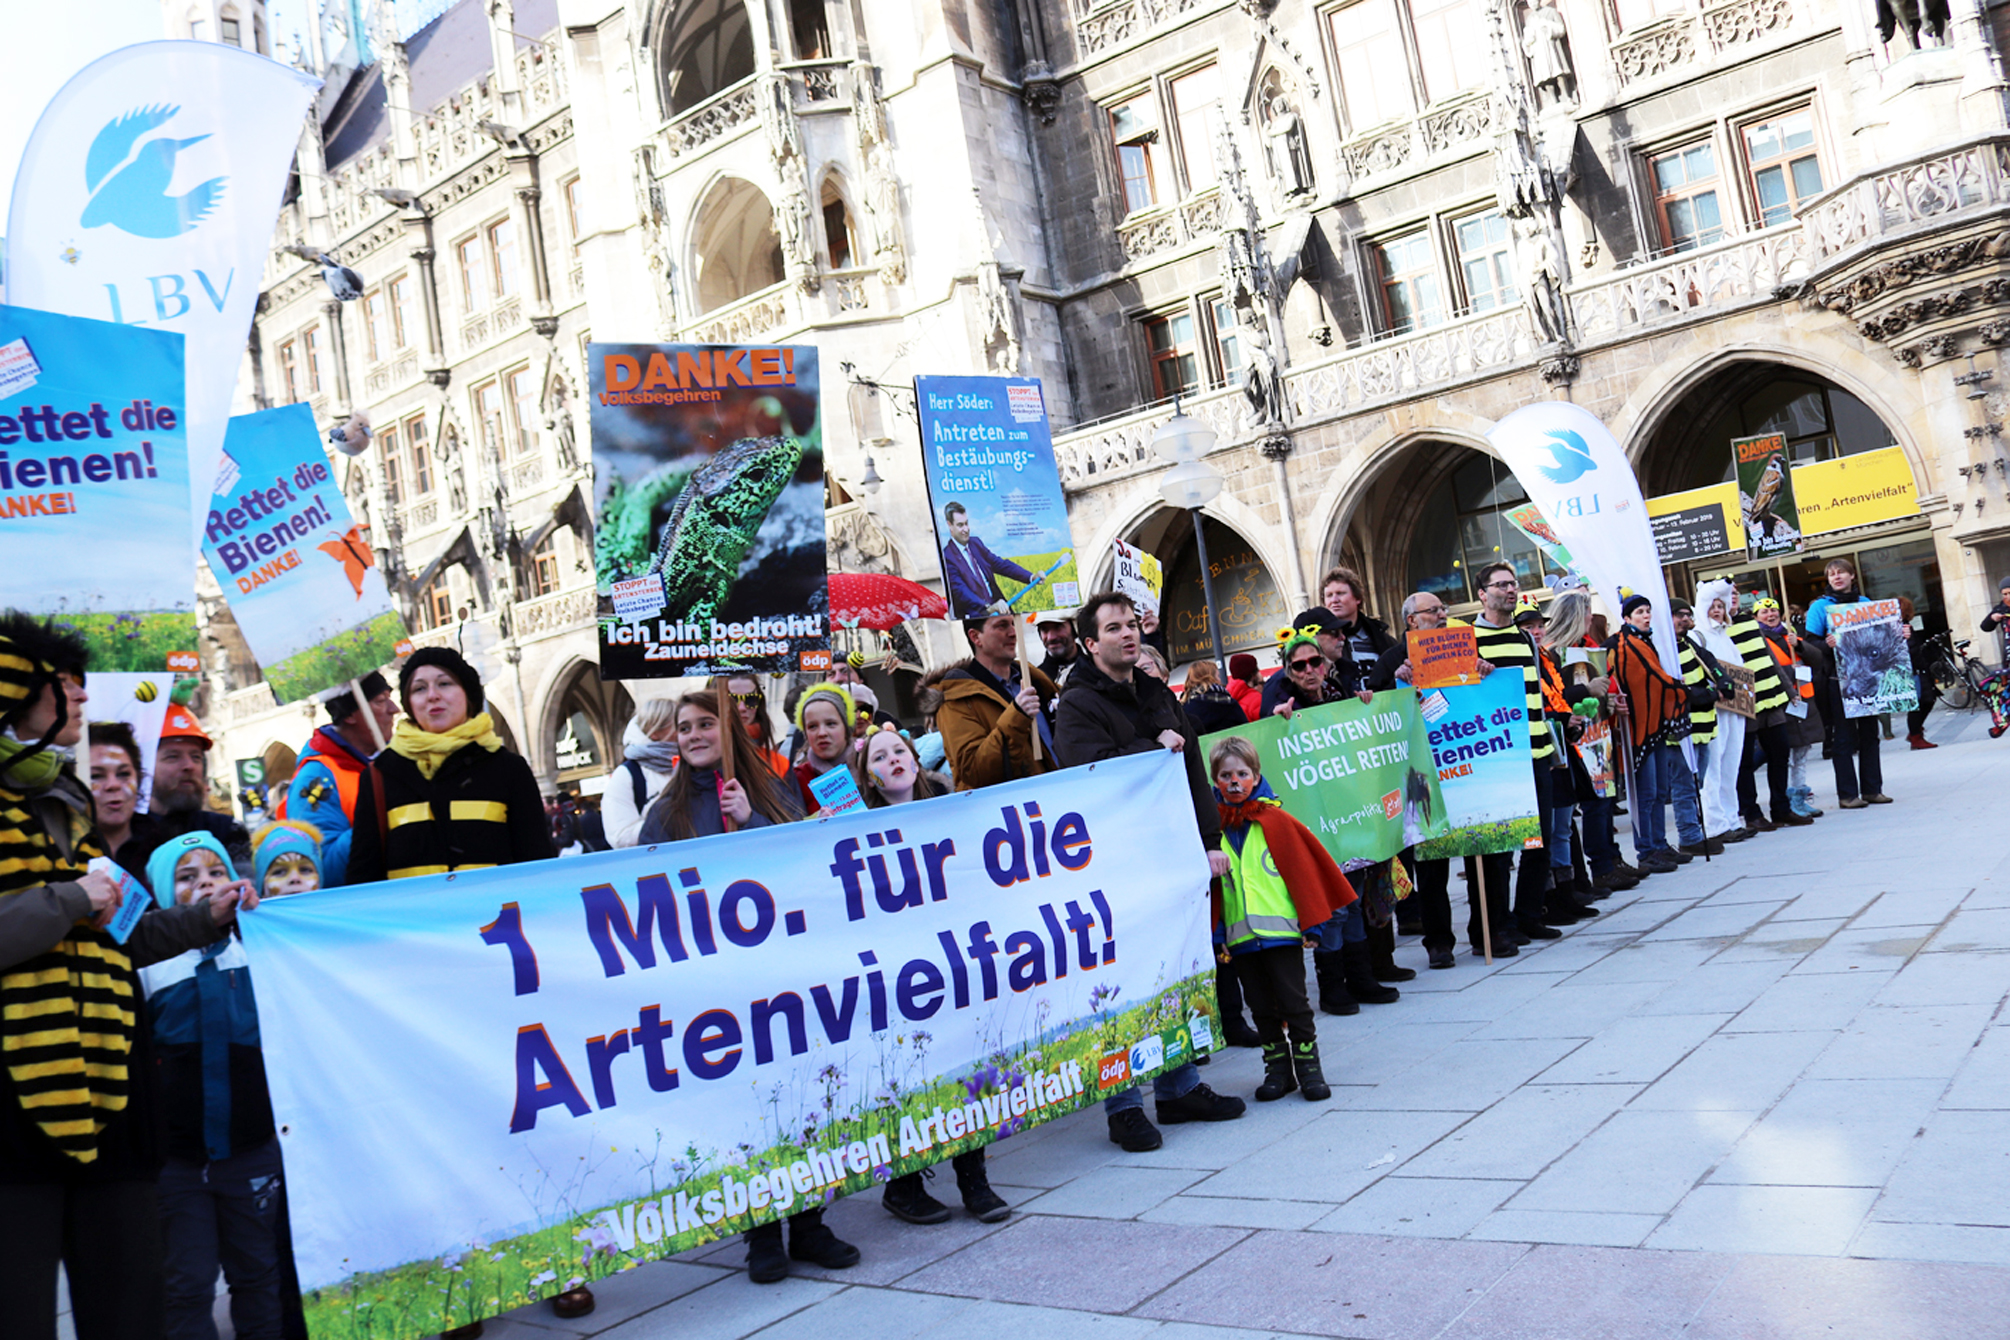 Volksbegehren Artenvielfalt – Rettet die Bienen! in Bayern 2019